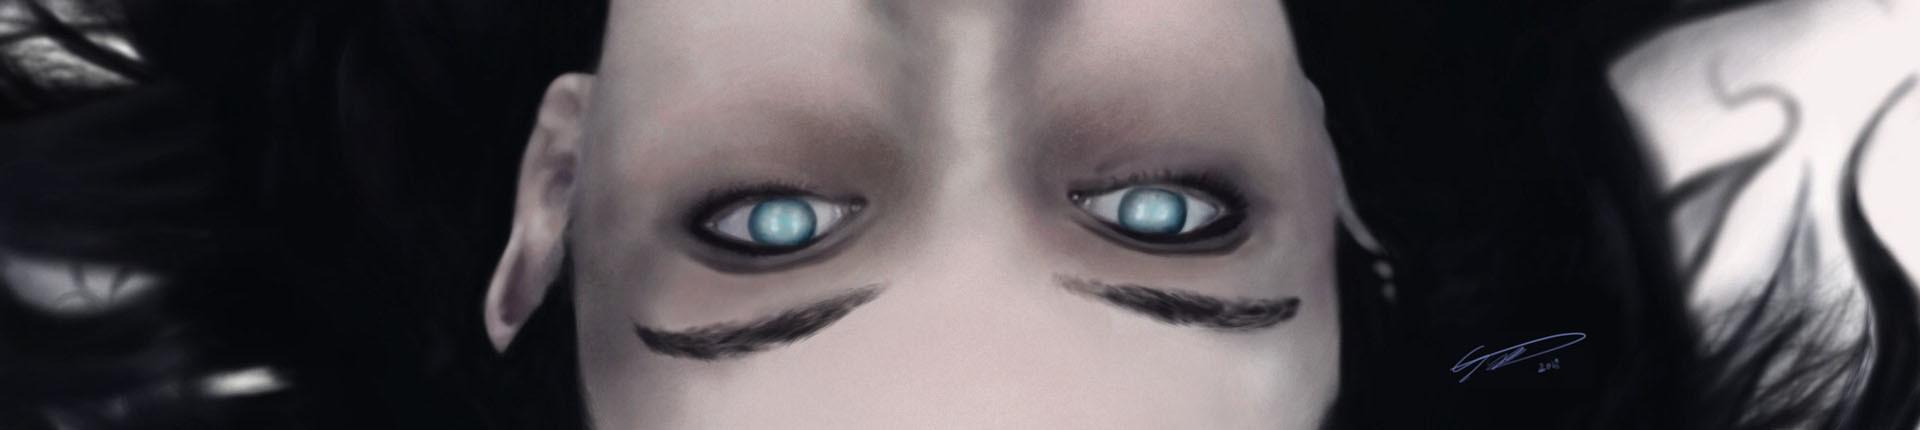 Jeroen gyesbreghs eyes